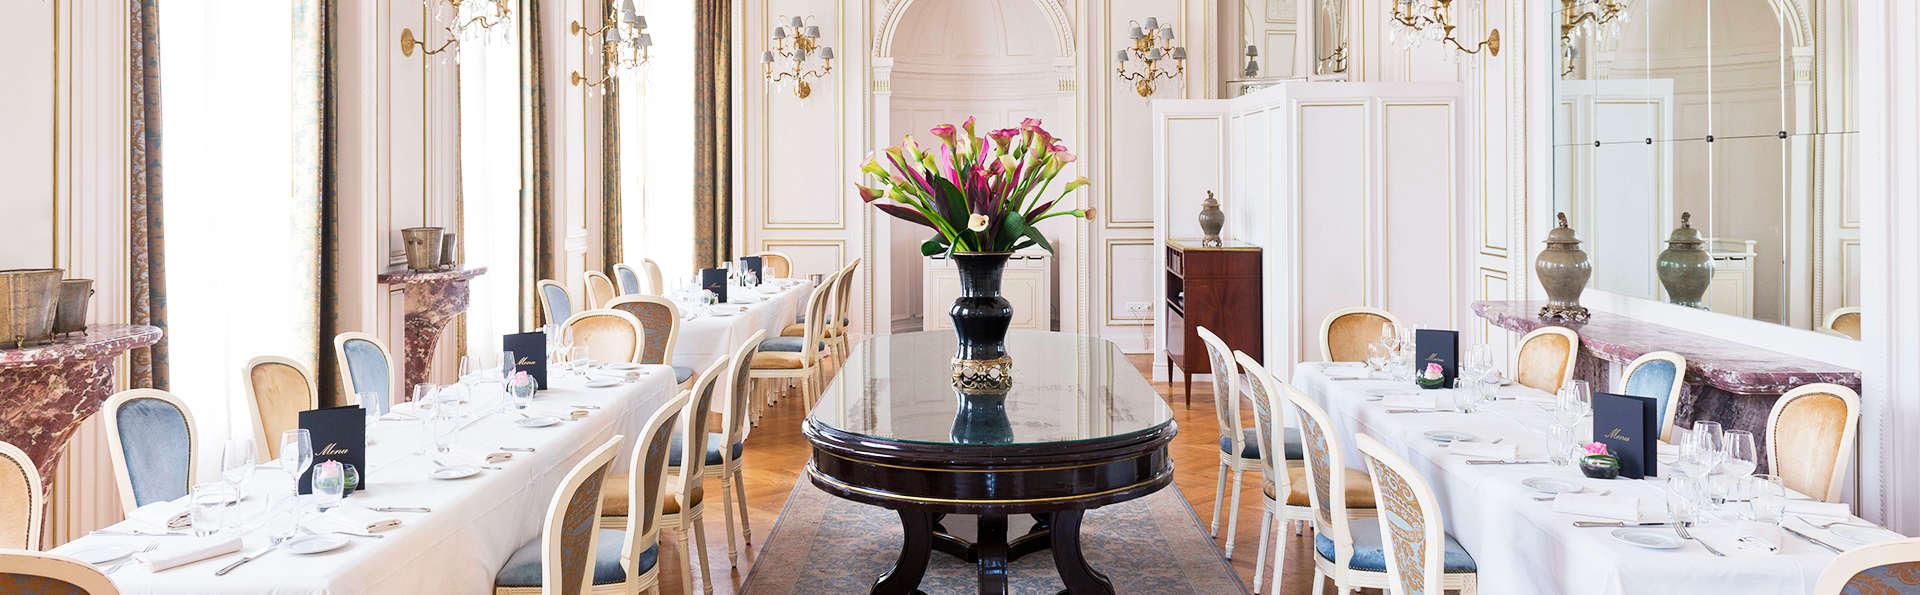 """Week-end avec dîner """"vie de château"""" à 45 minutes de Paris"""